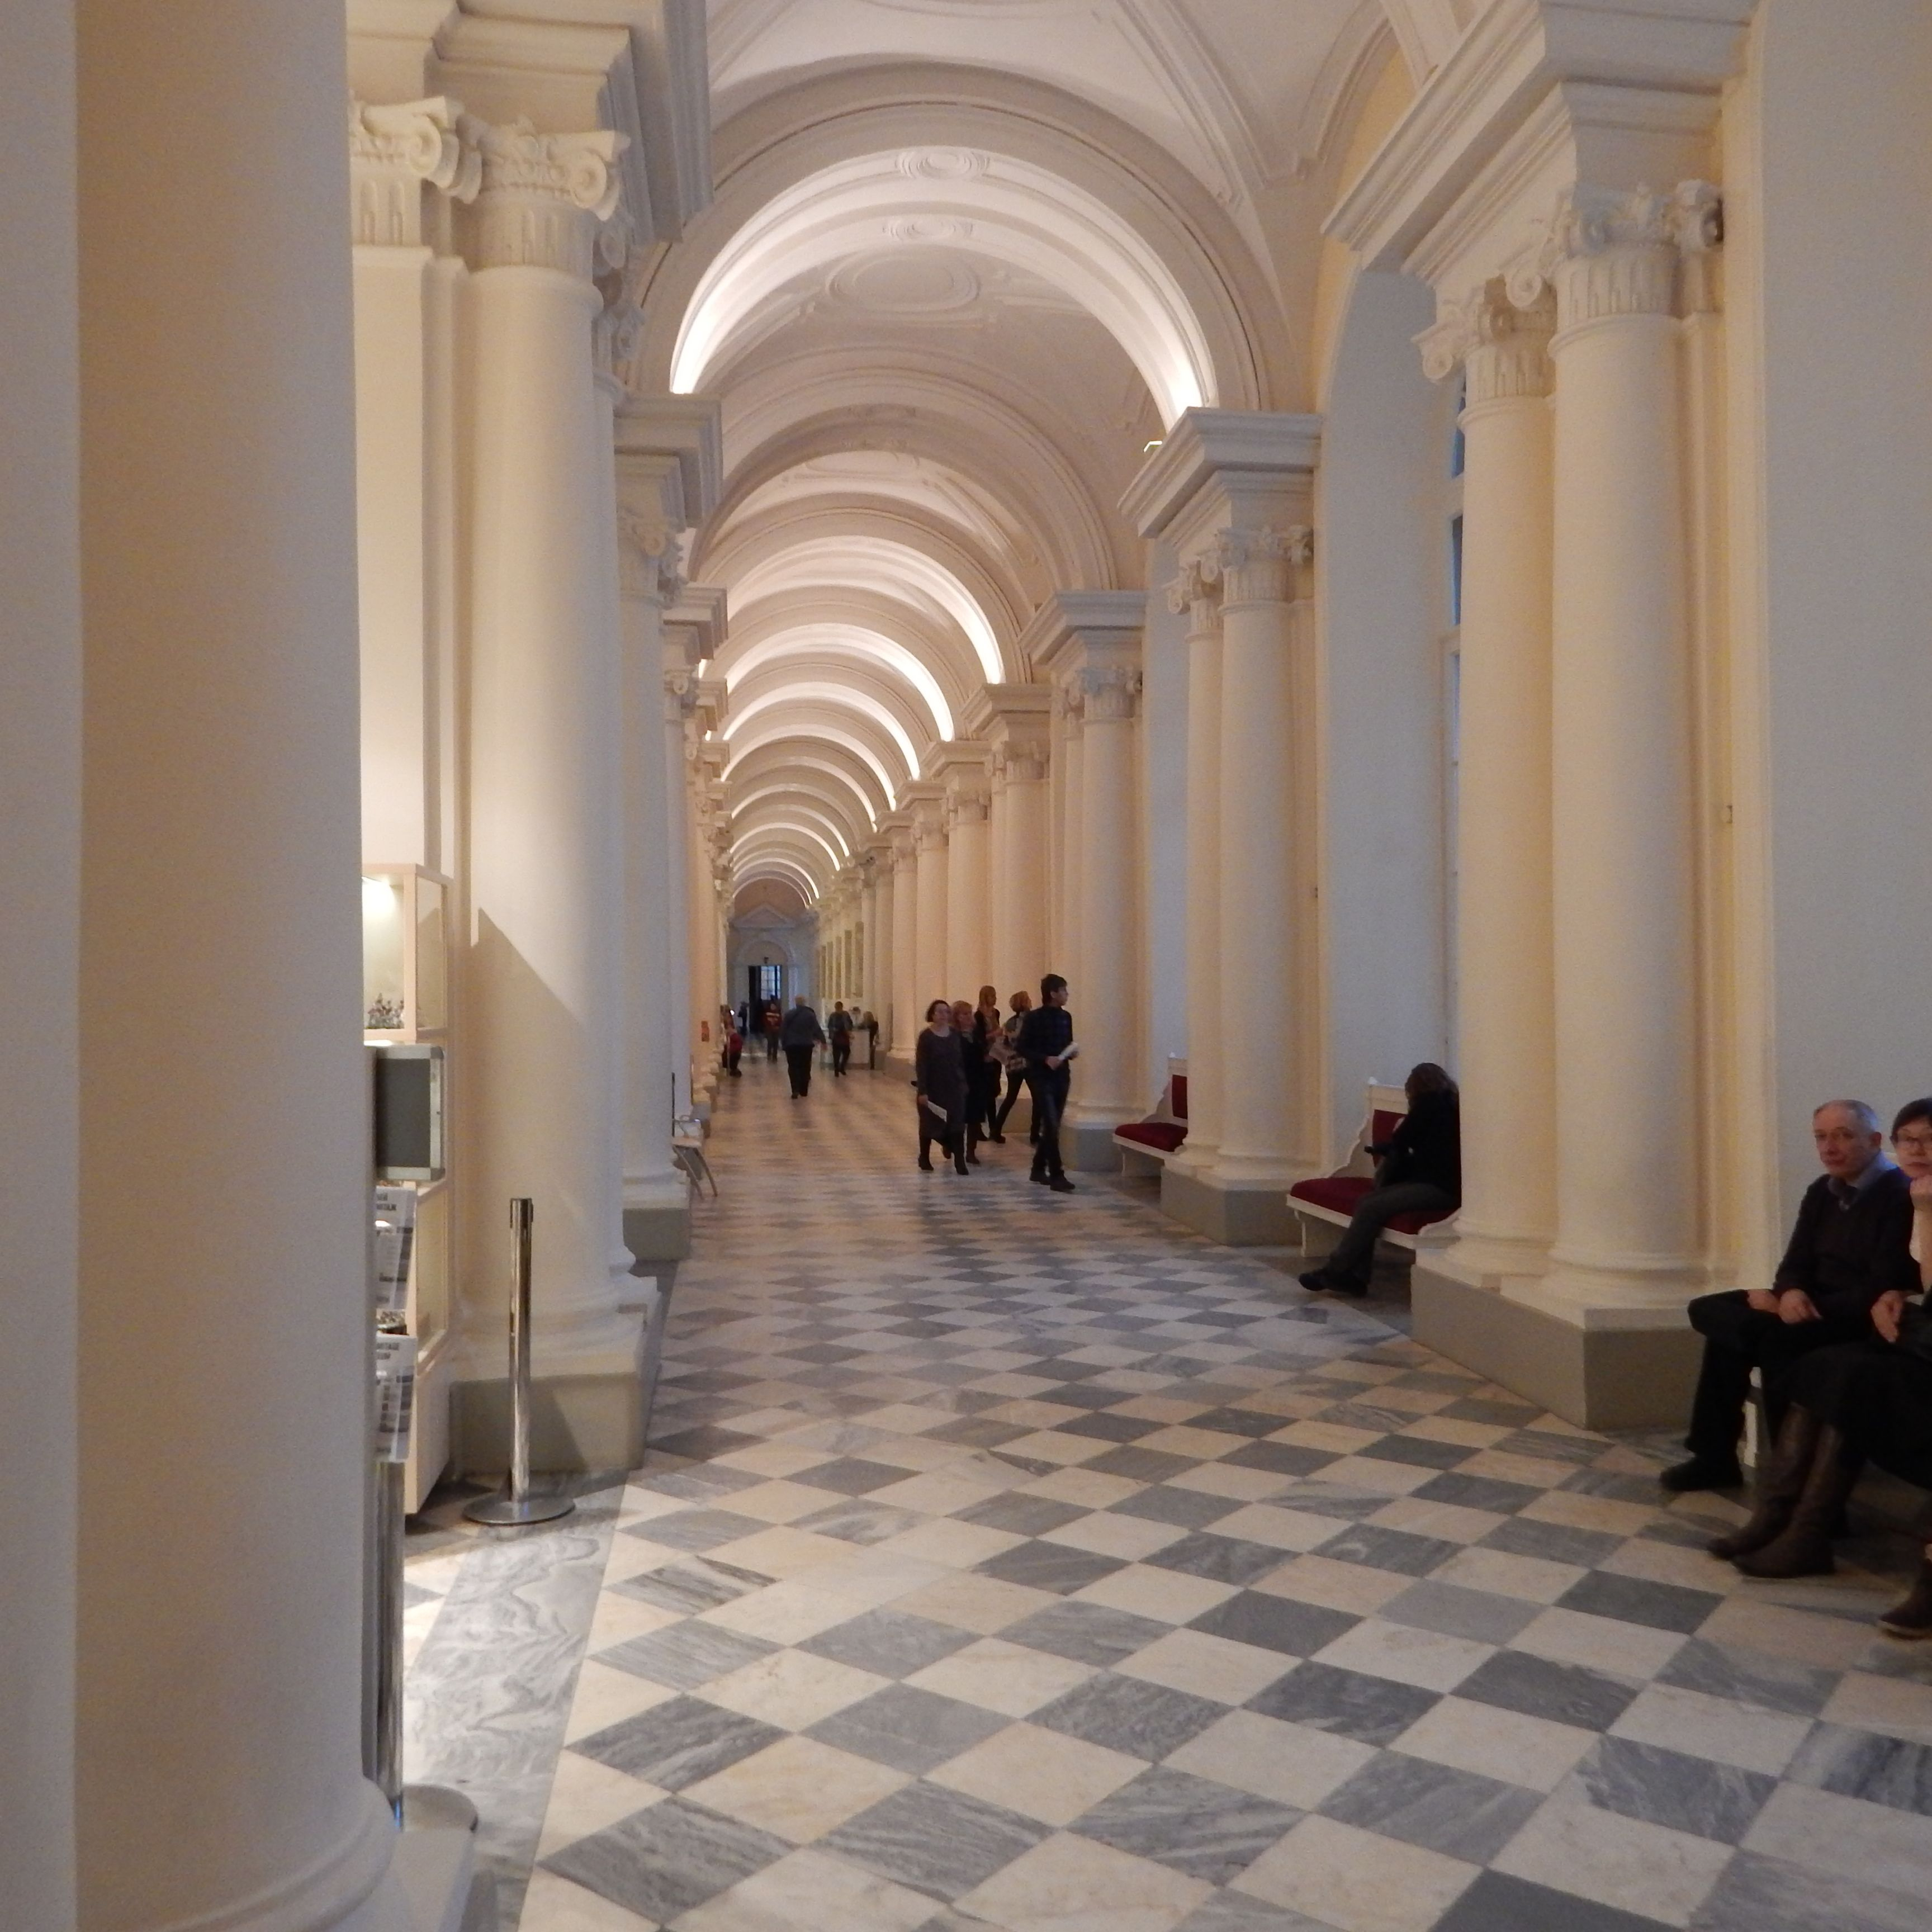 Hermitage im Zentrum Sankt Petersburgs